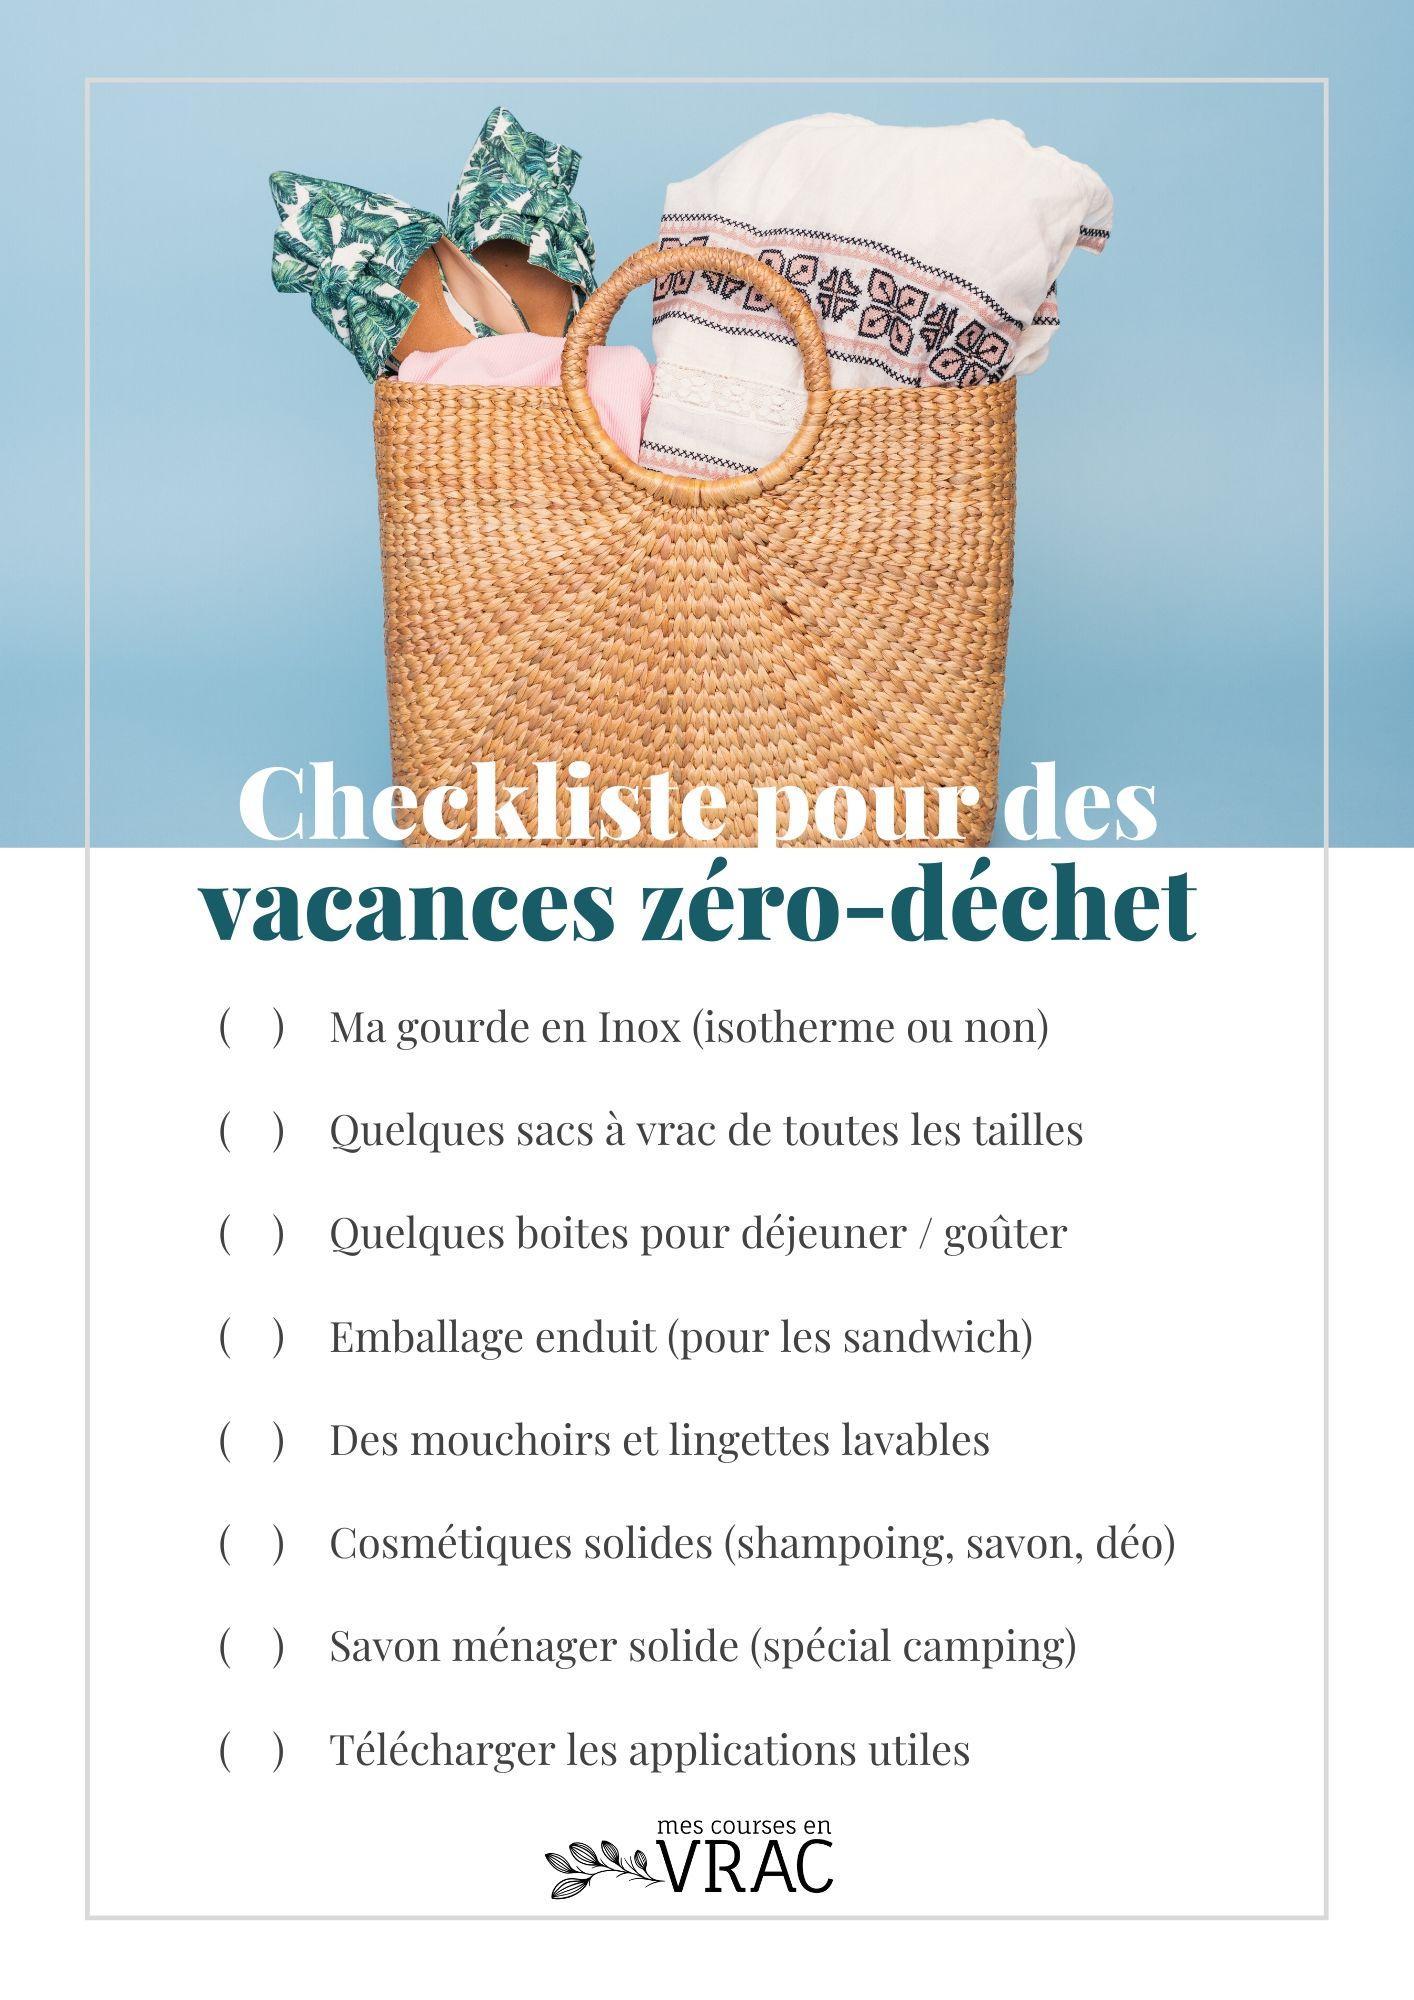 Checklist pour des vacances zé-déchet